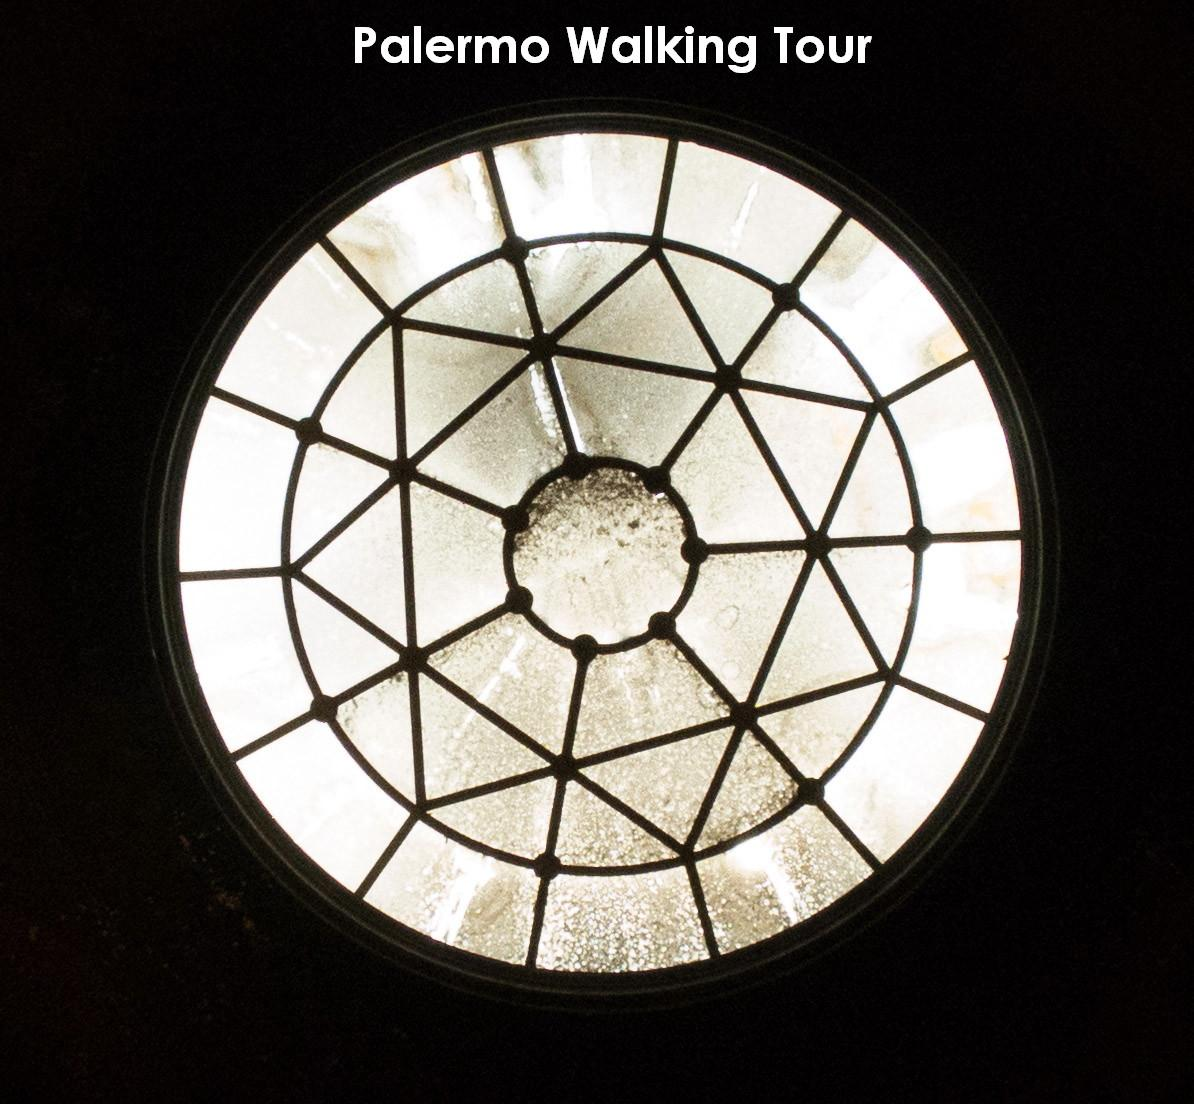 Walking Tour Palermo